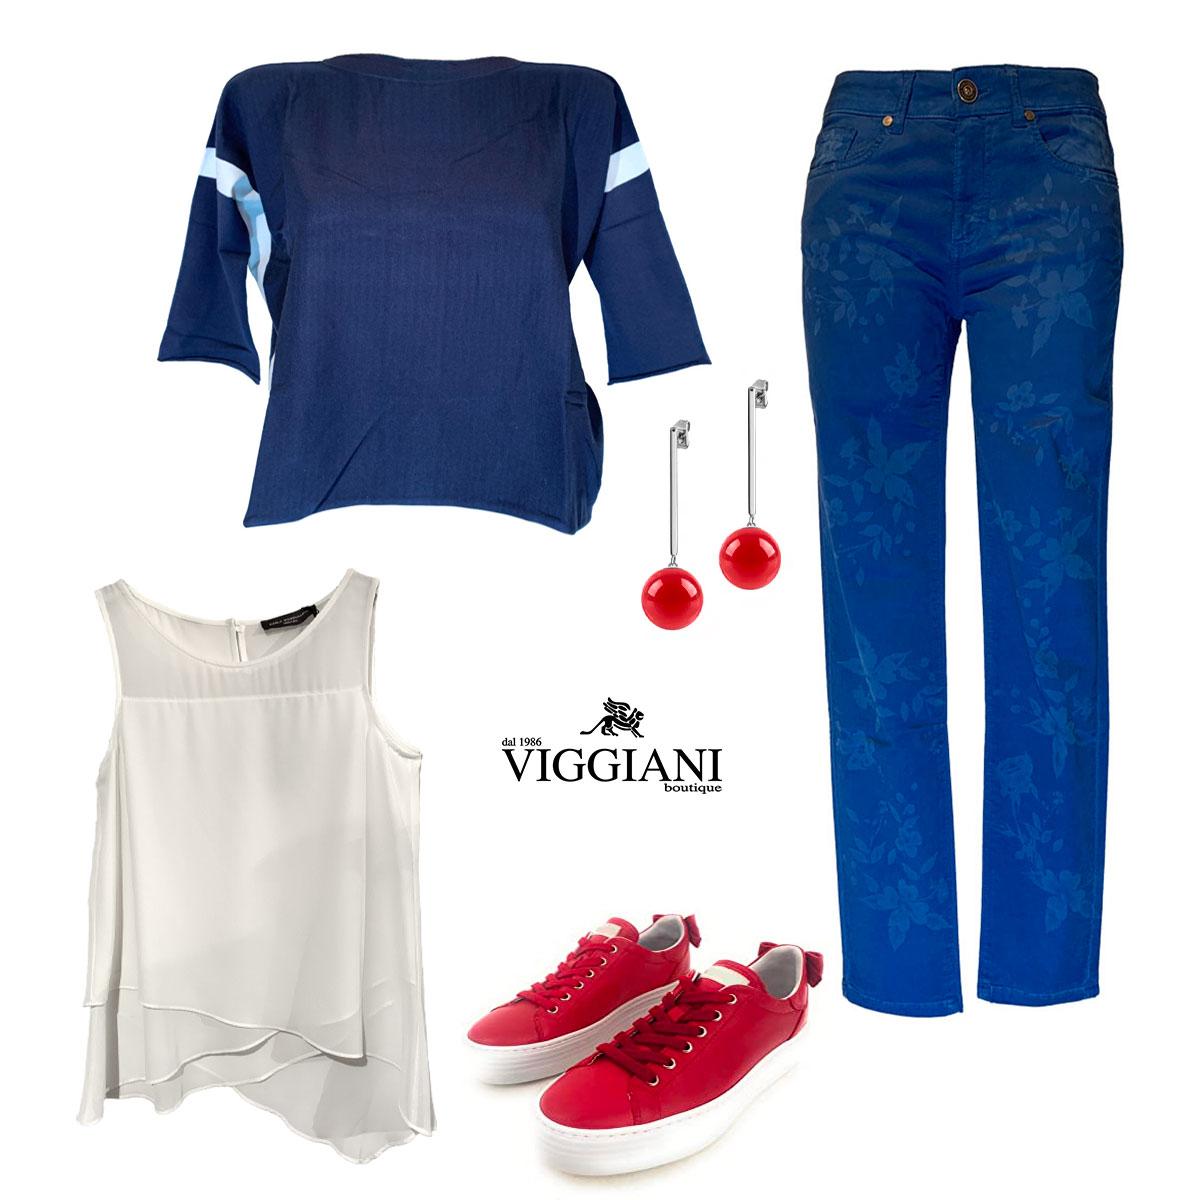 Outfit gita fuoriporta - Boutique Viggiani - Shopping online - Abbigliamento donna casual e cerimonia a Pisticci